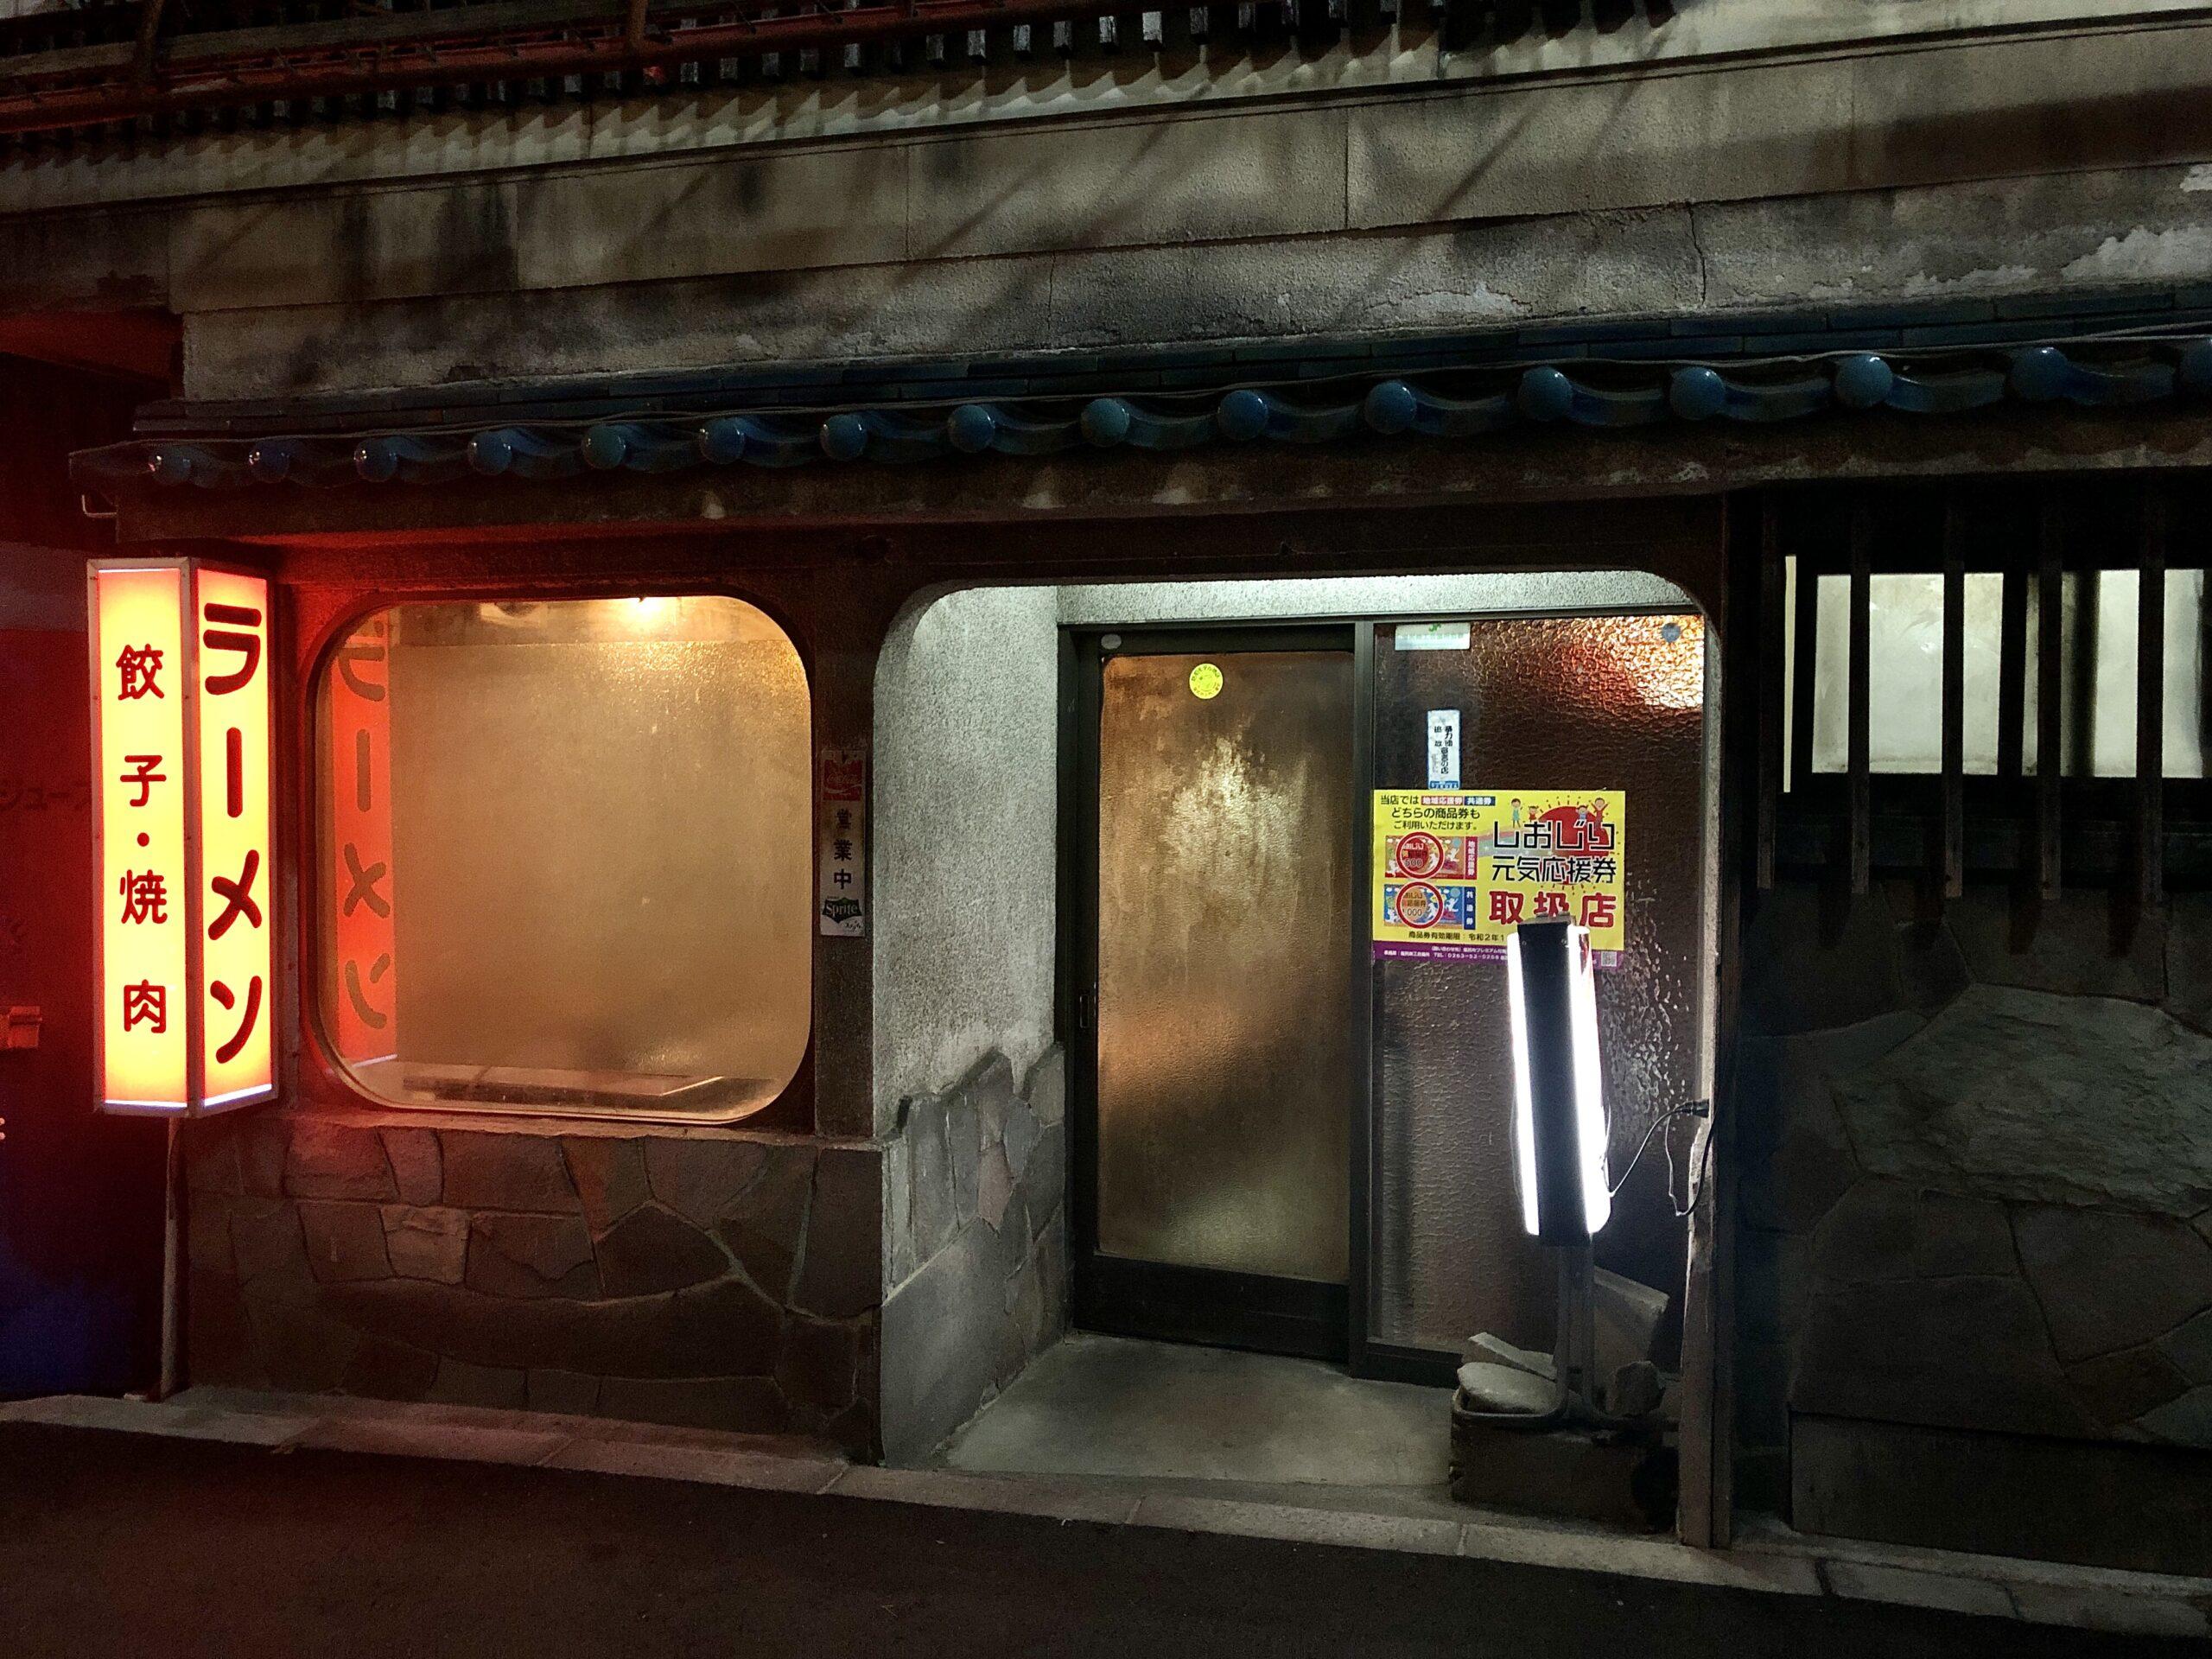 【塩尻市】昭和回帰が余裕でできる「味楽食堂」で至福の時を味わう